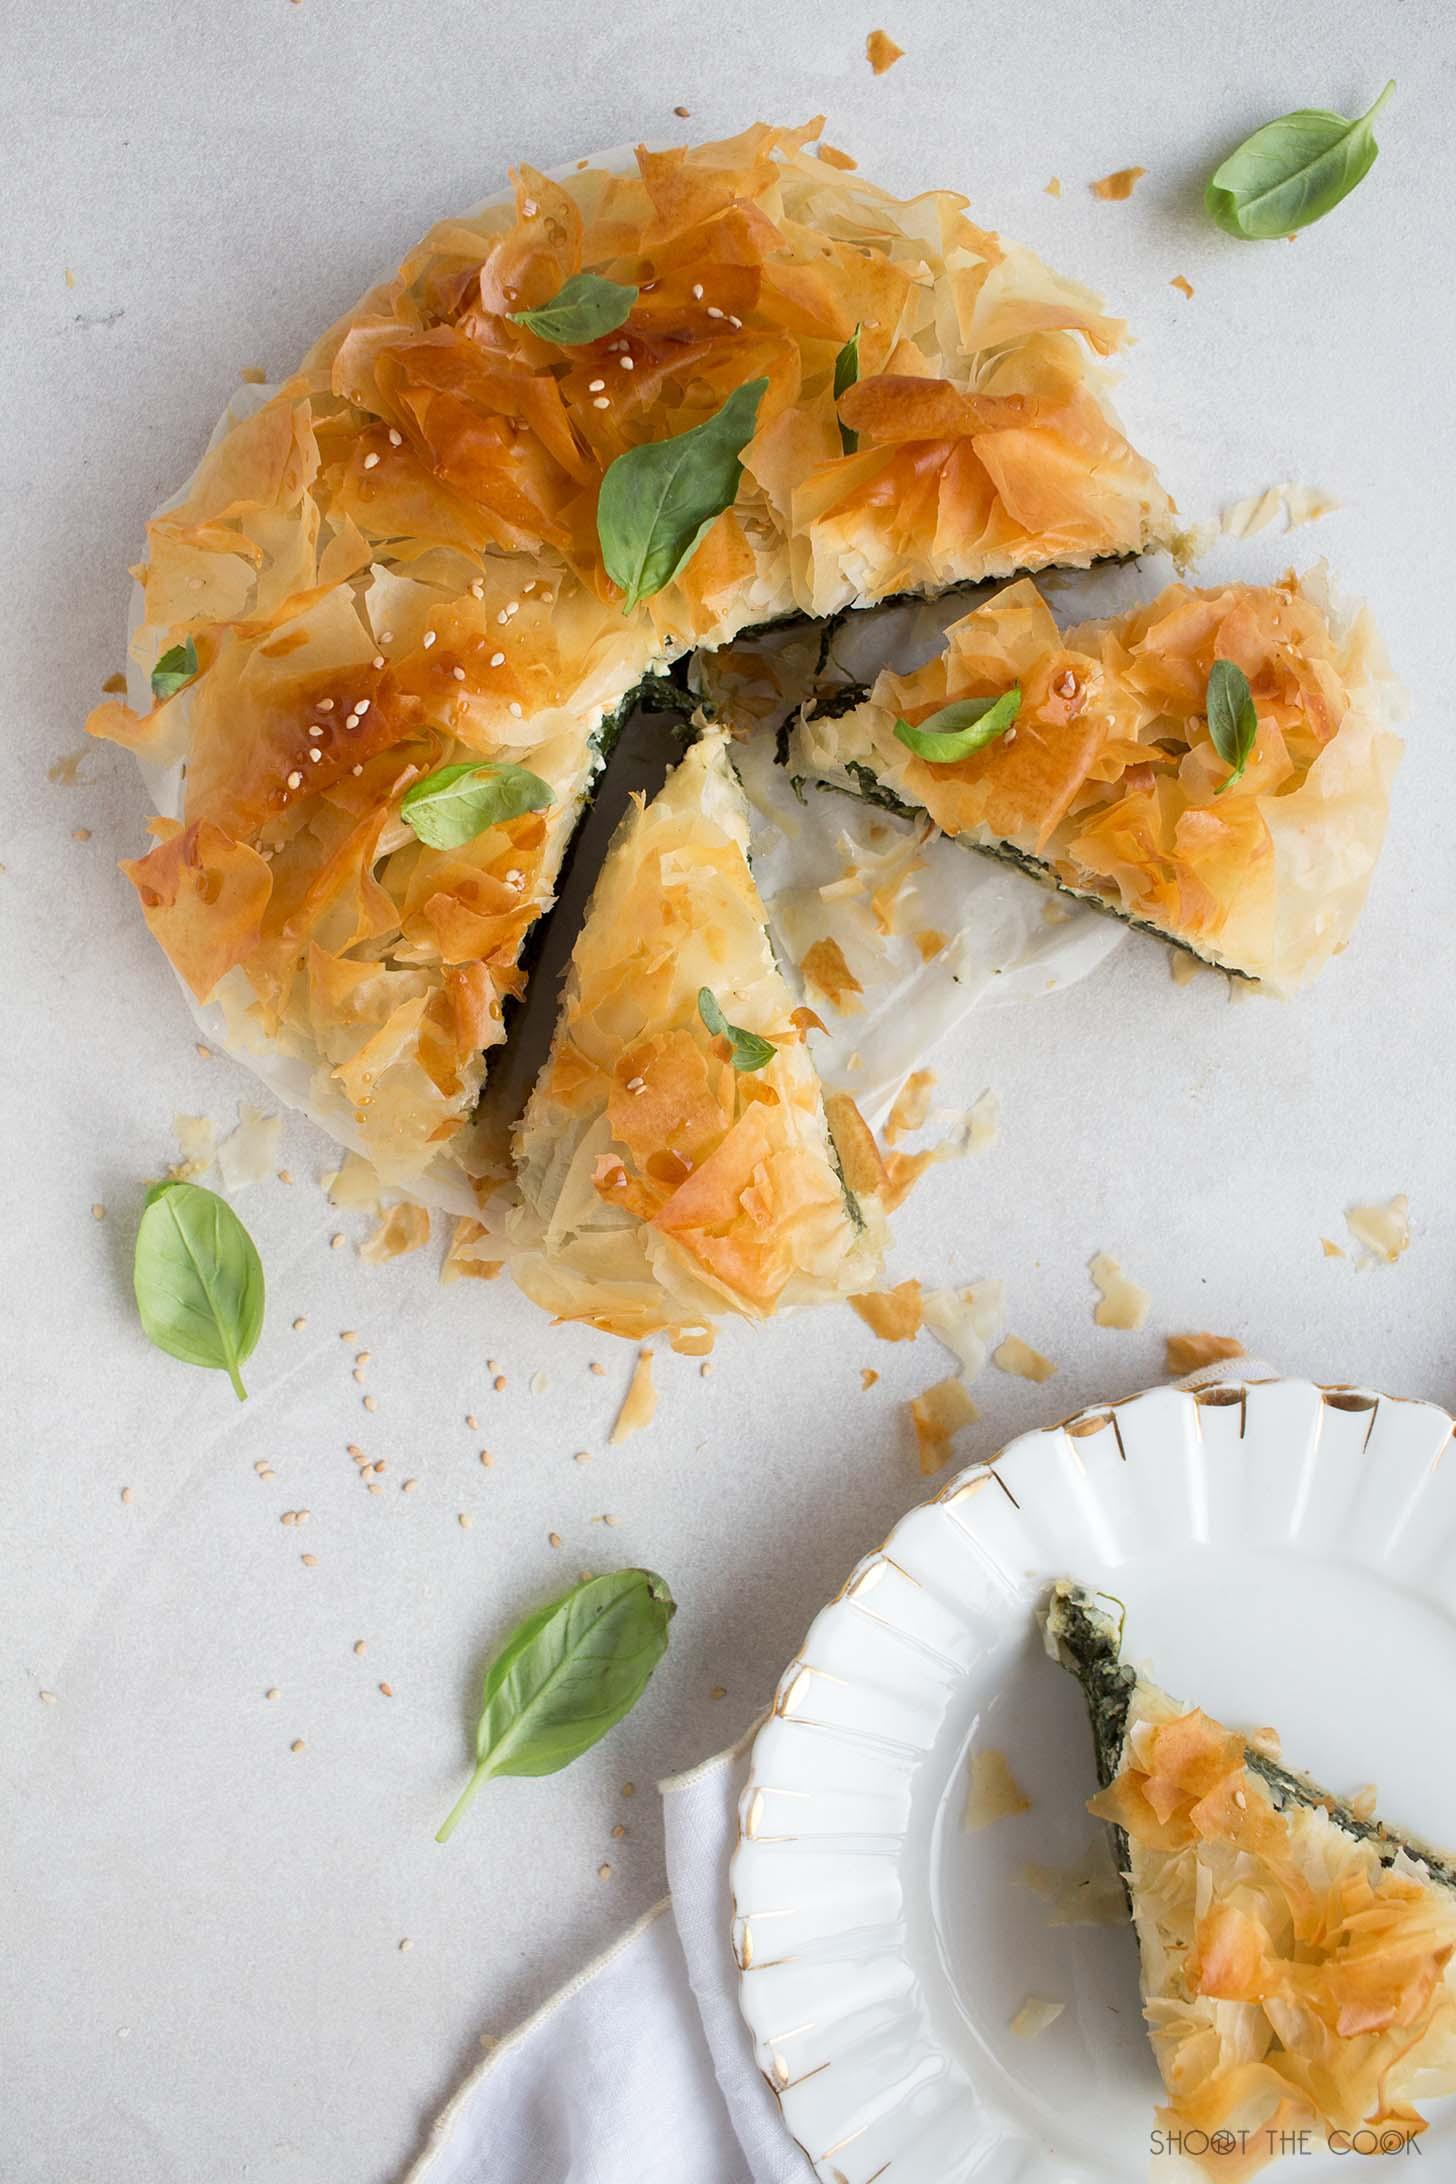 pastel de espinacas y queso feta griego, spanakopita